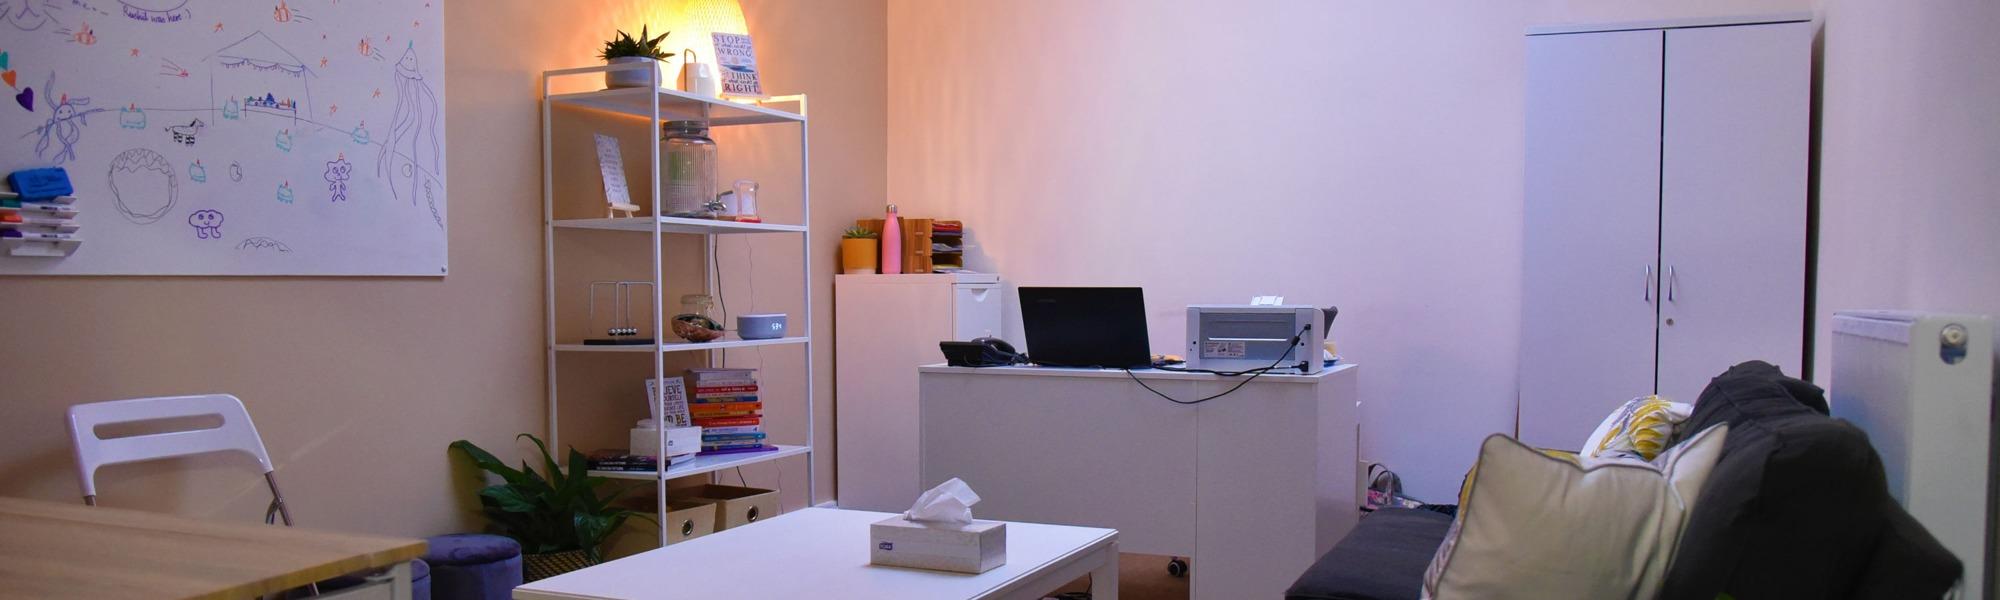 幸福的房间